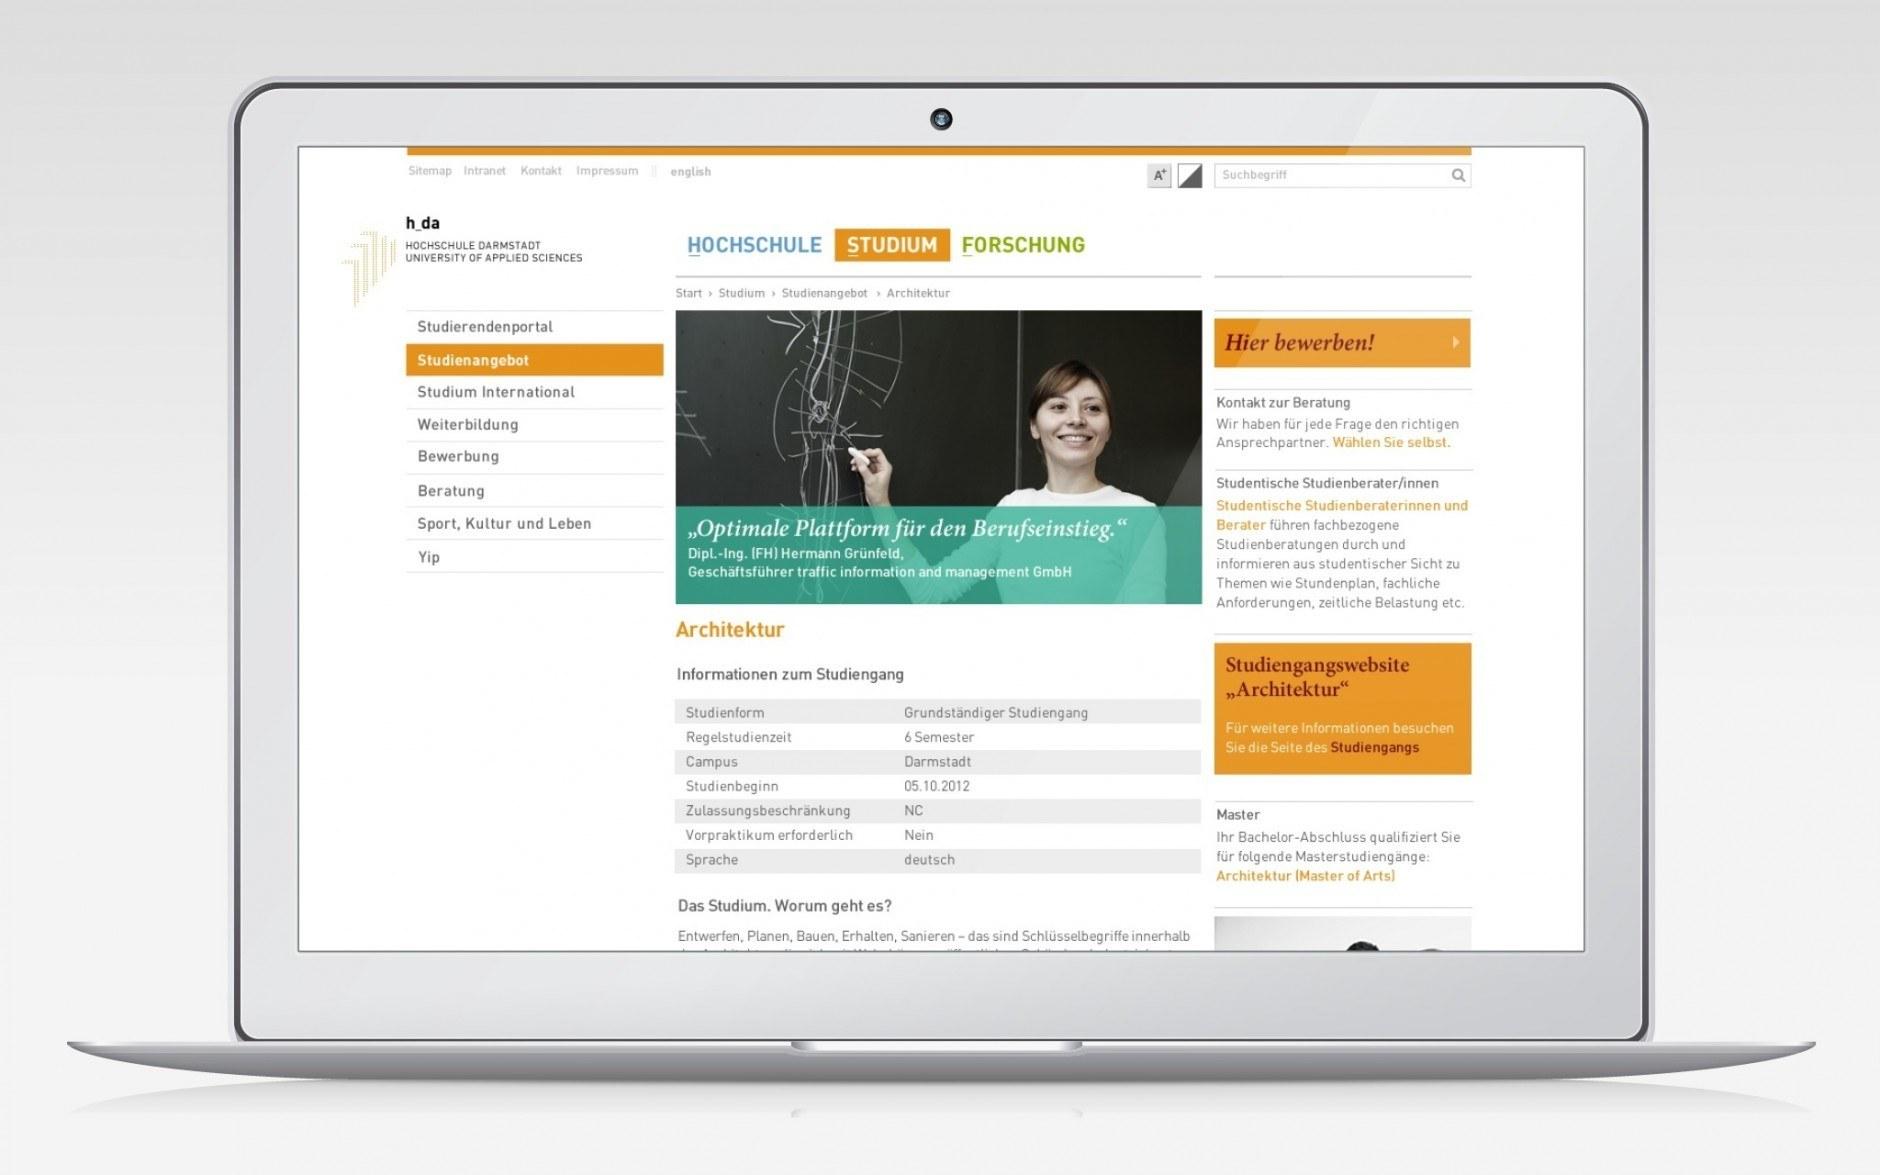 webauftritt_hochschule-darmstadt_04-001